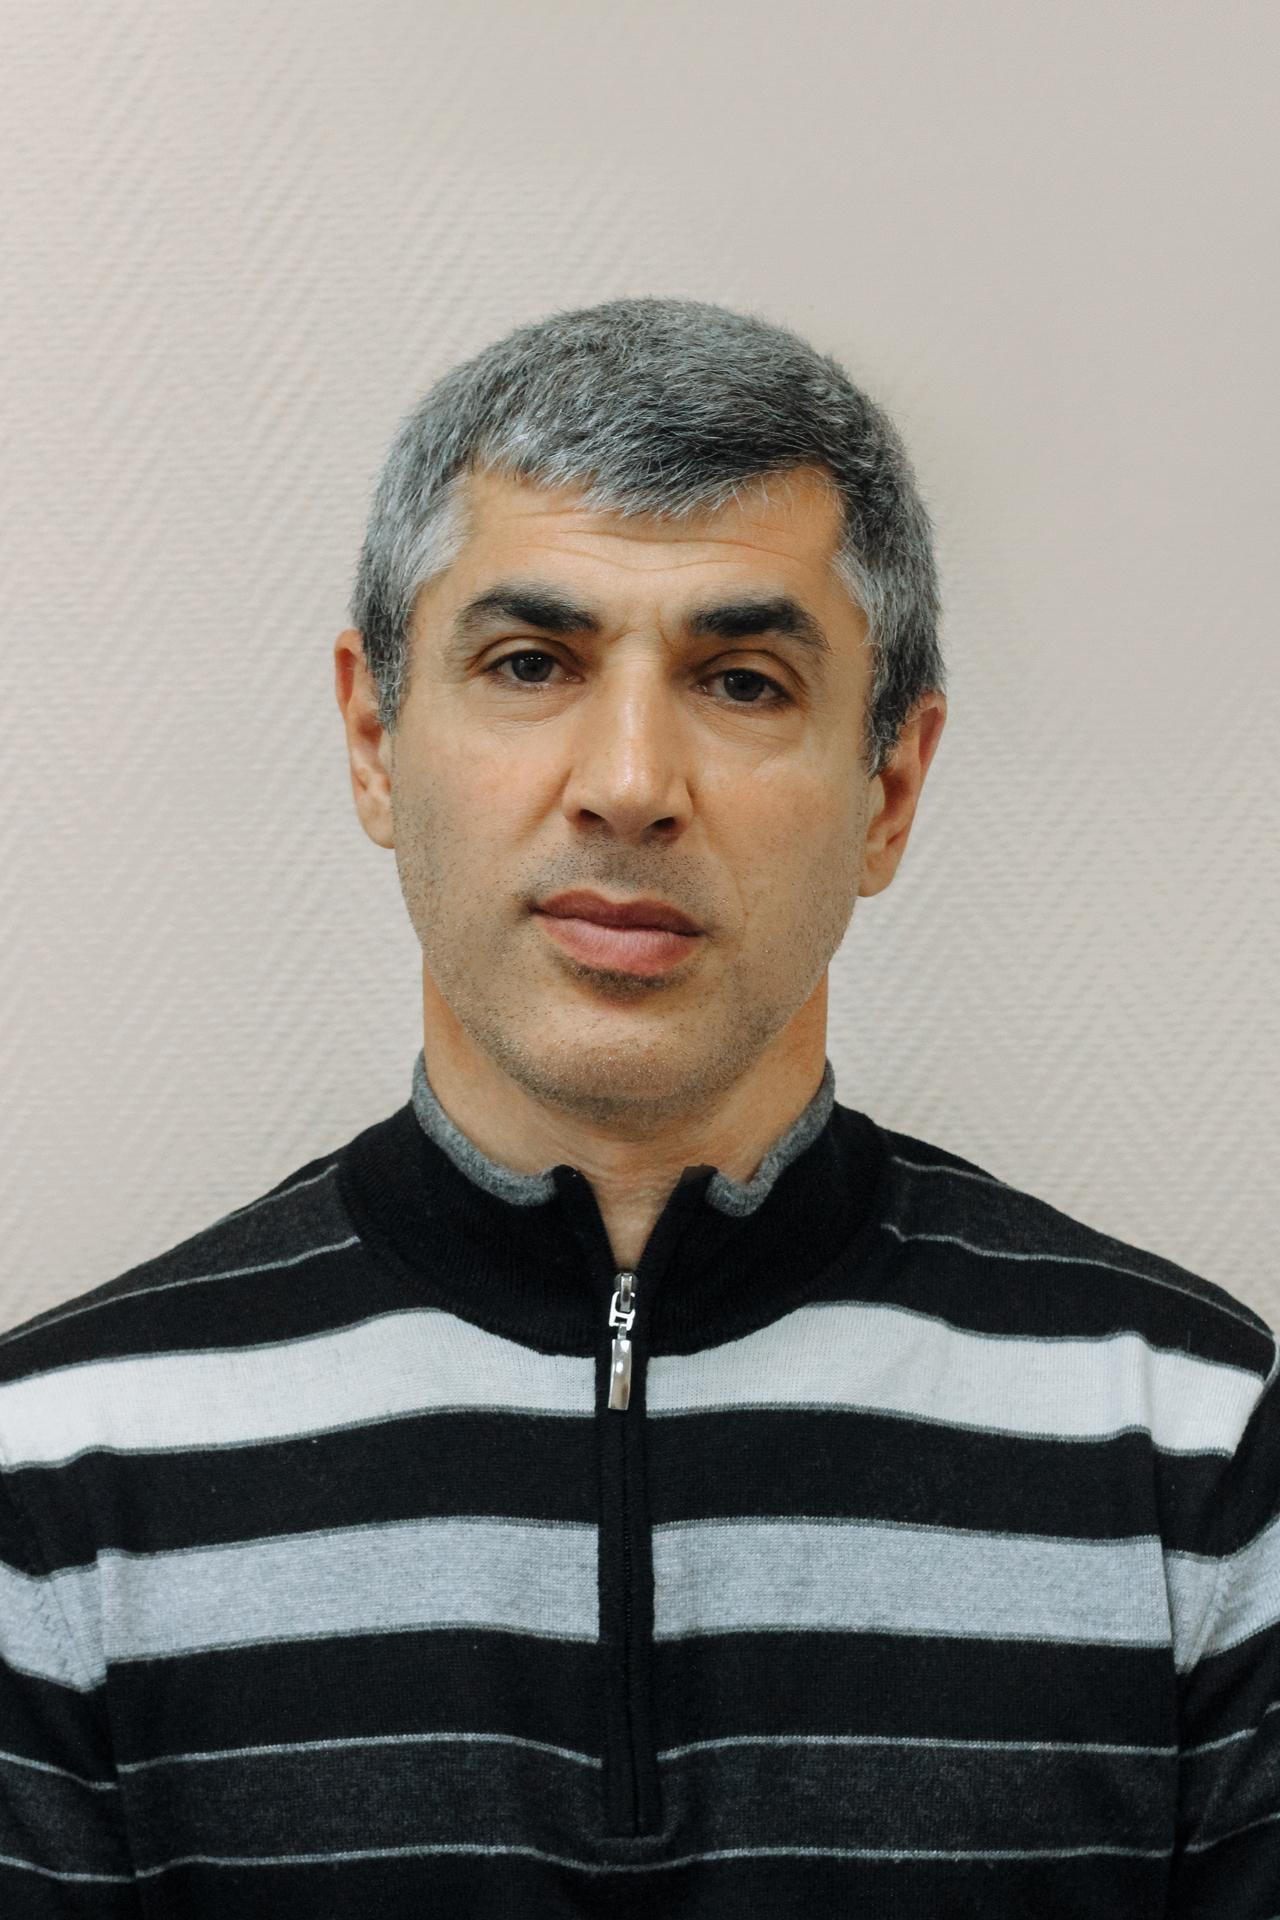 Балашов Никита Алексеевич